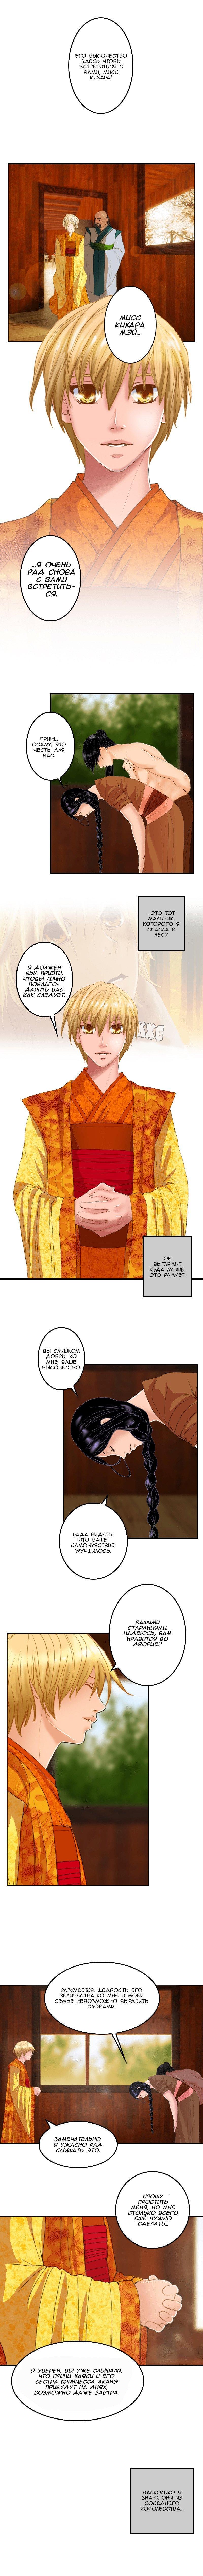 Манга Мой дорогой хладнокровный король - Глава 13 Страница 1